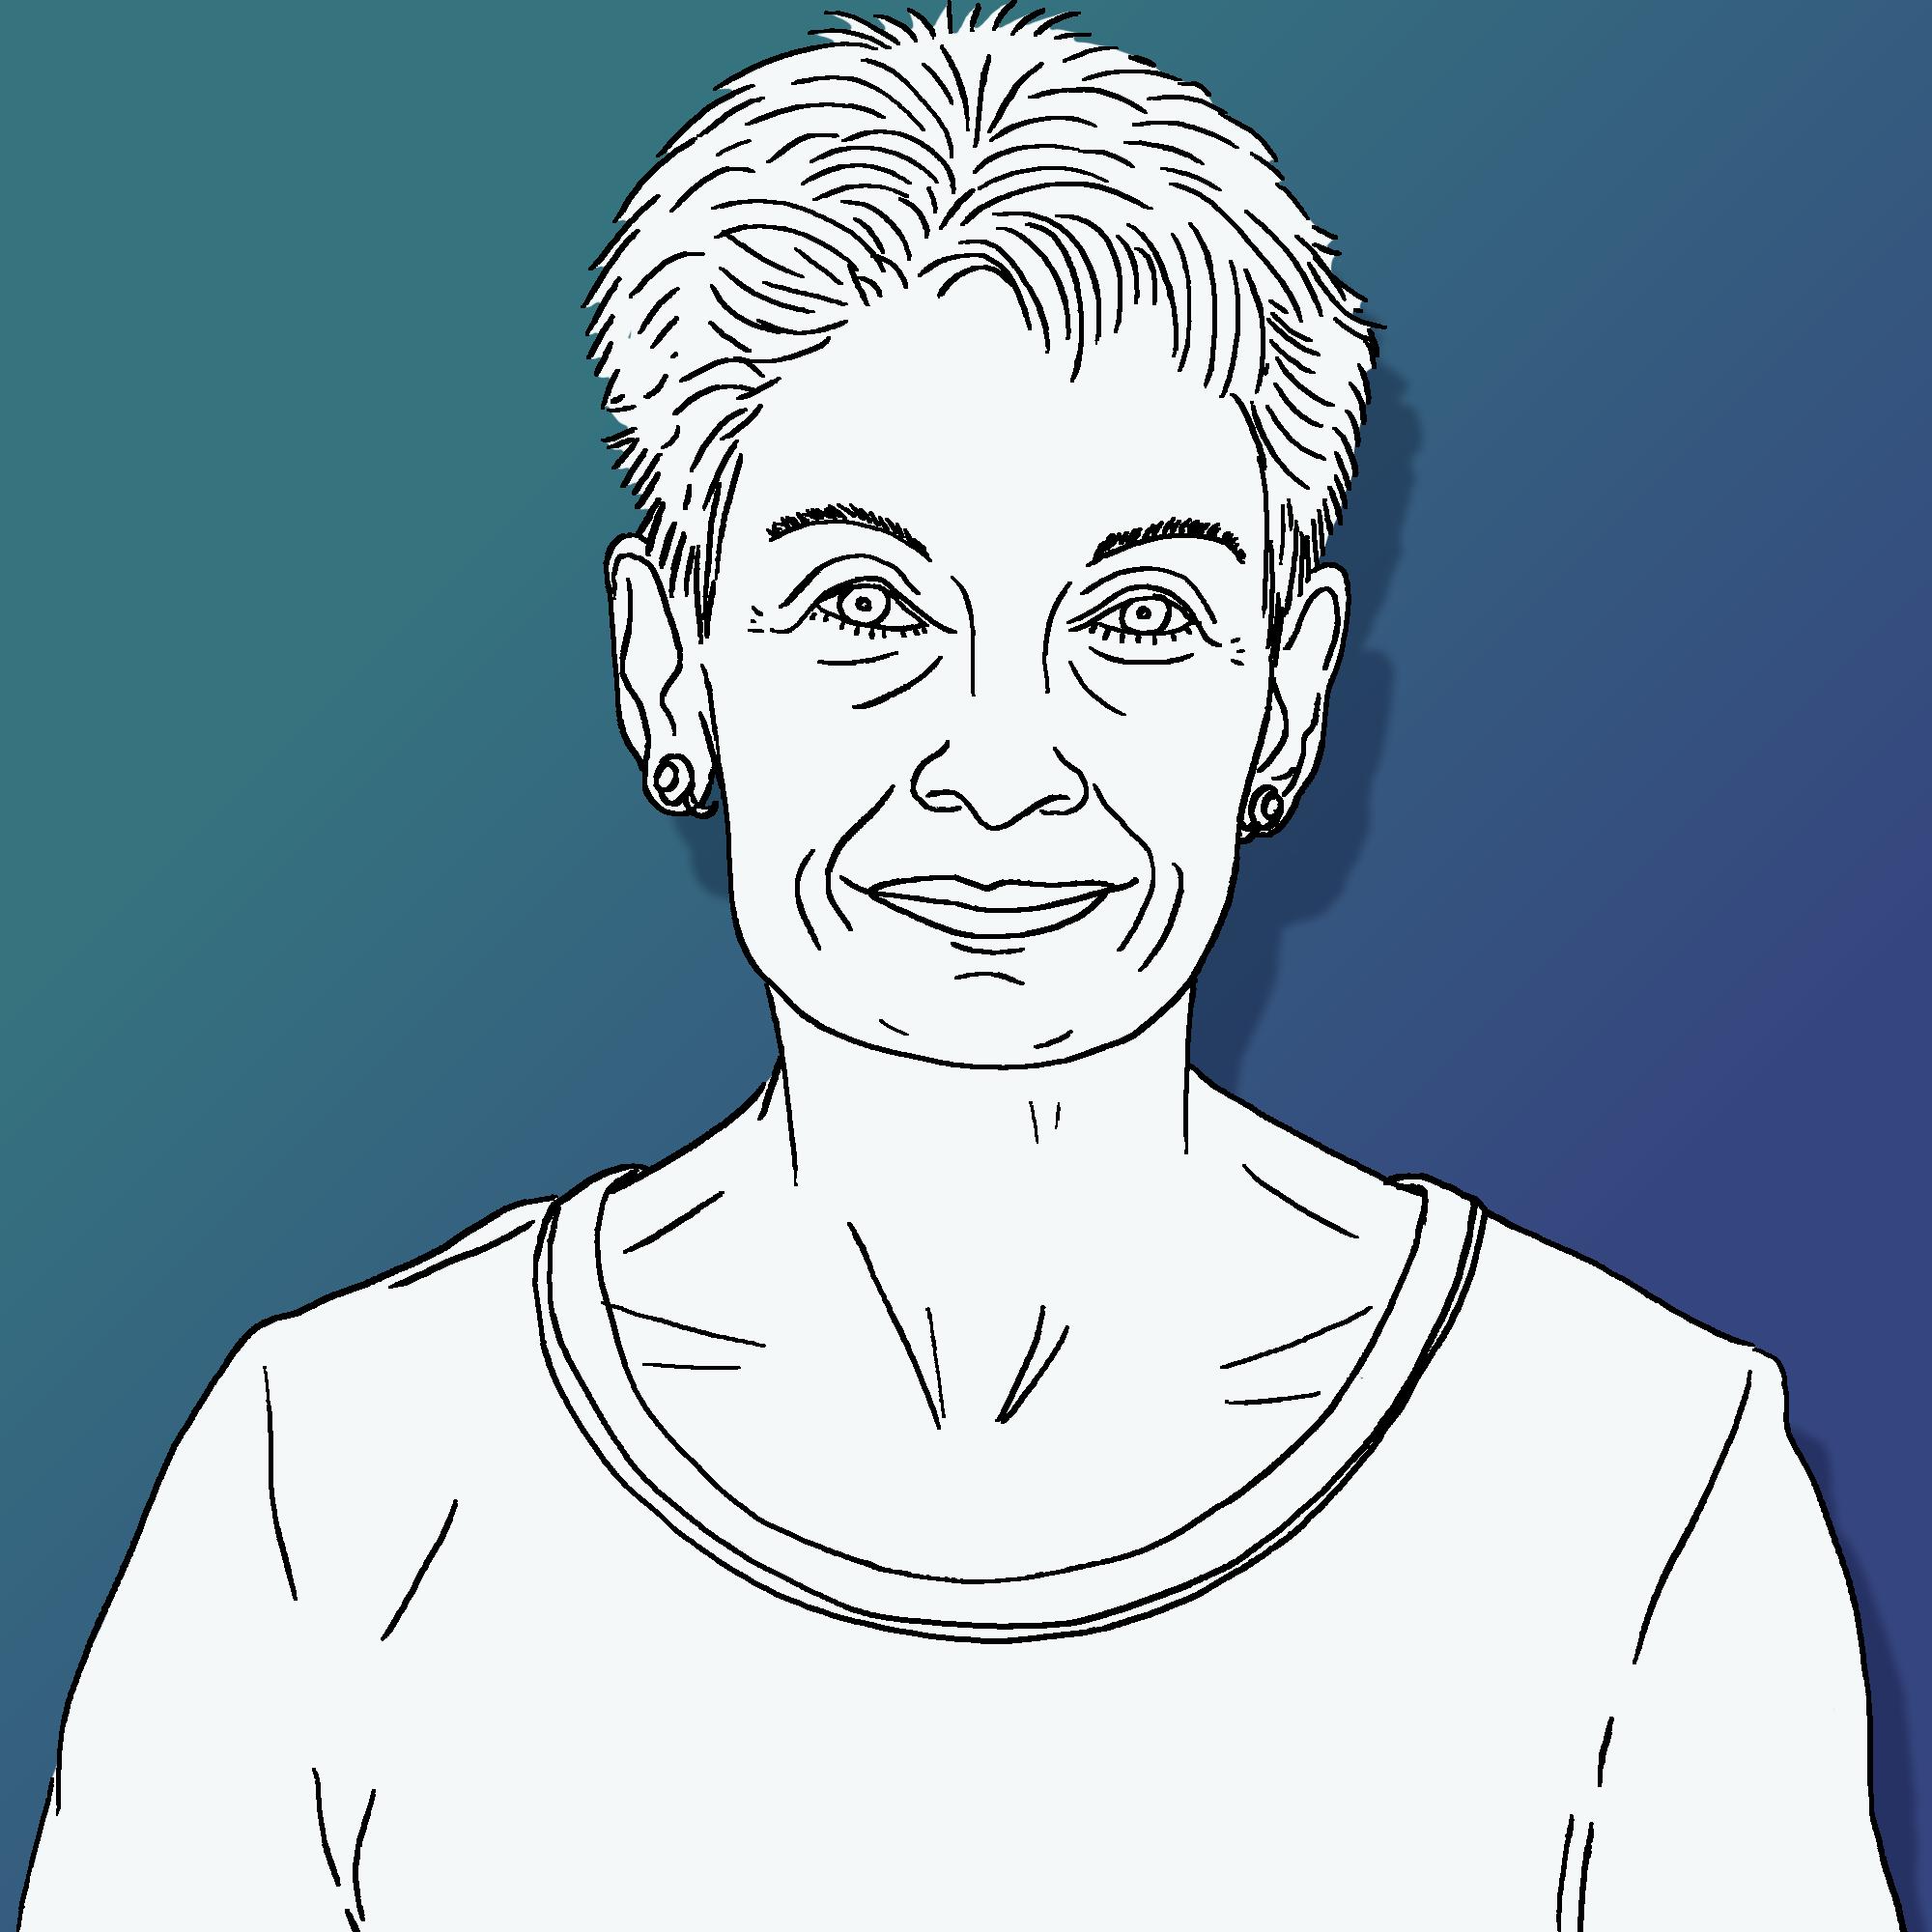 Vreni Müller-Hemmi war von 1987 bis 1995 im Zürcher Kantonsrat und von 1995 bis 2007 für den Kanton Zürich im Nationalrat. Sie ist gebürtige Churerin.